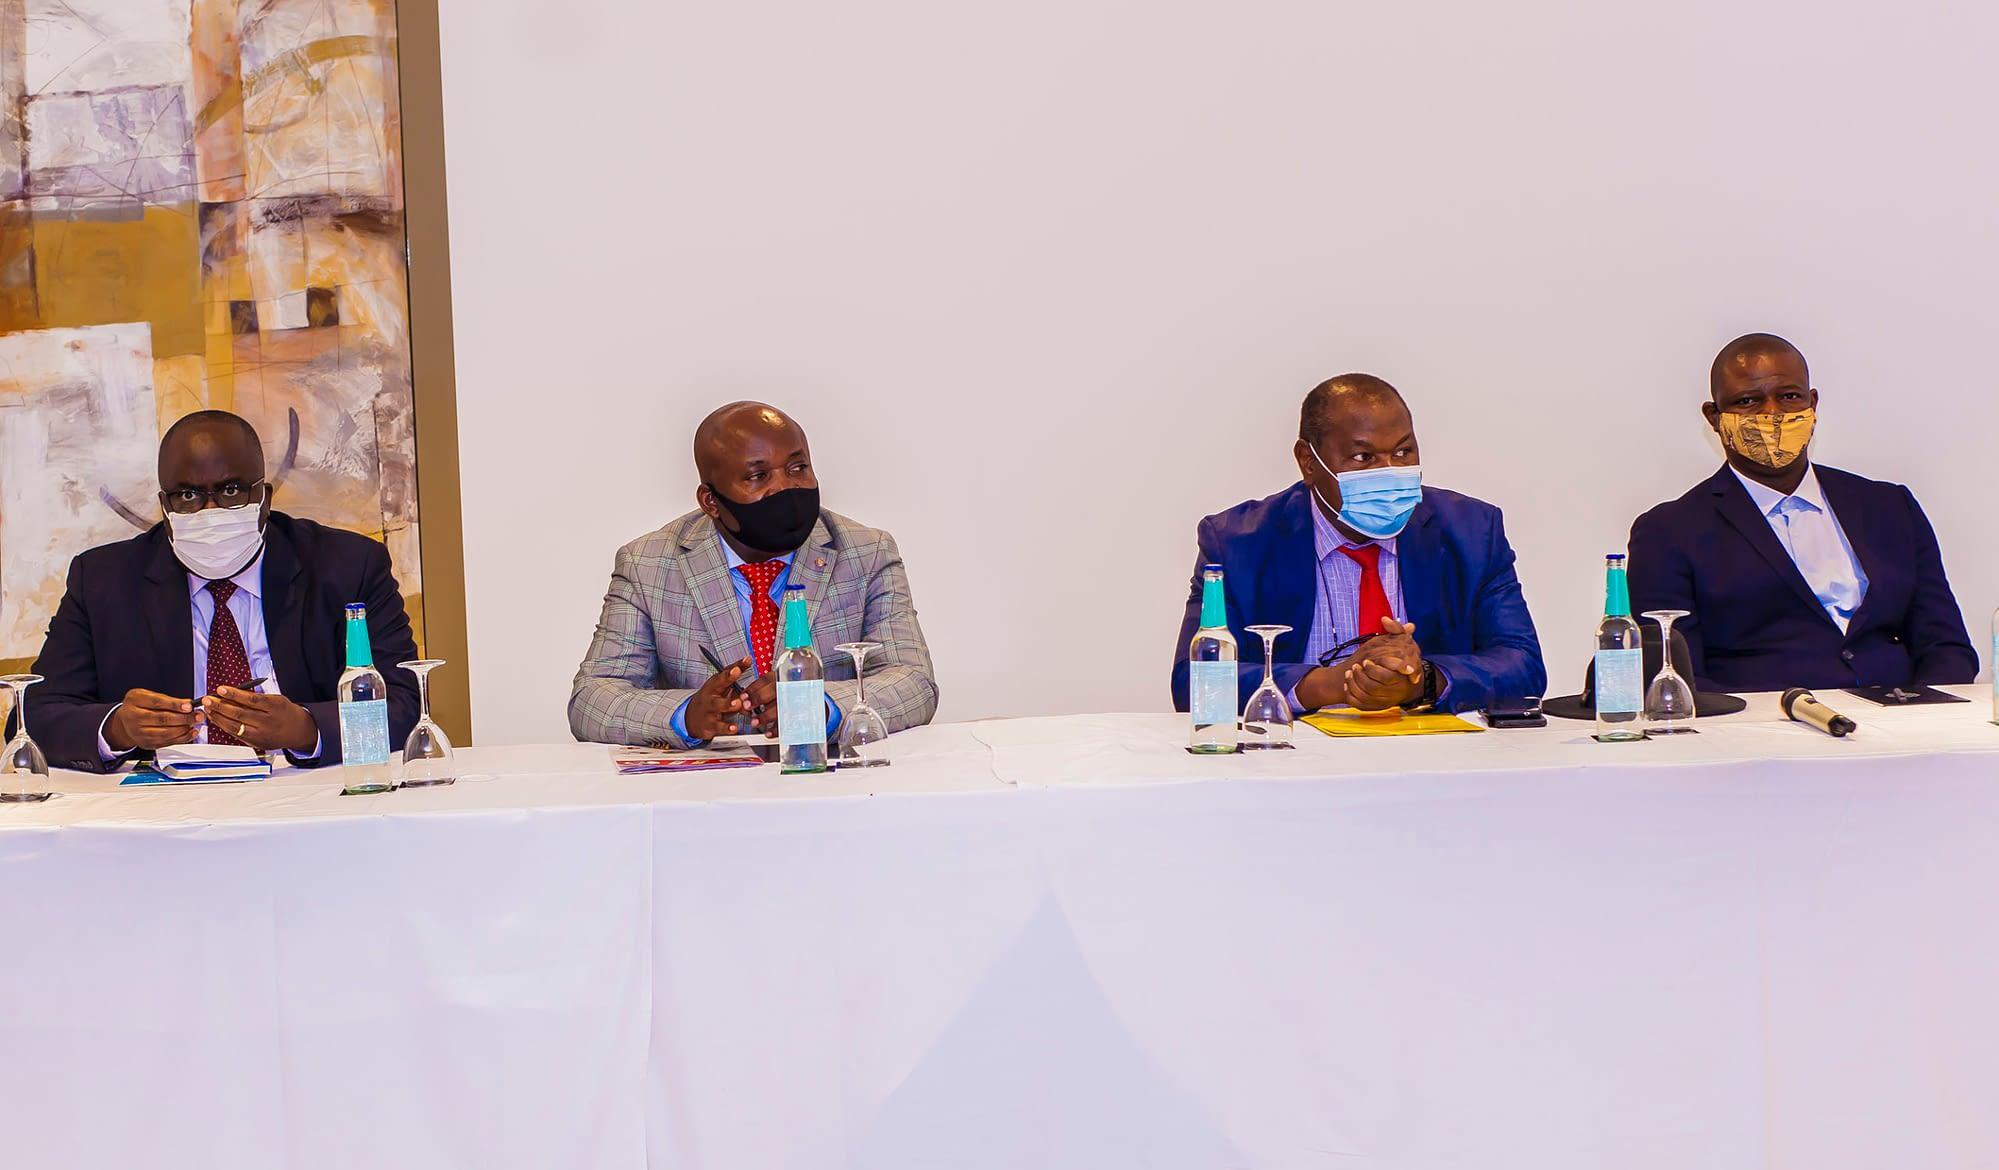 De gauche à droite: Dr Dominique Baabo Kubuya, coordinateur du PDSS; M. Chirac Bulanga Milemba, chef du bureau pays de DNDi en RDC; Dr If Malaba Cleophas, le Secrétaire Général à la Santé l'intérim; Dr Eric Miyaka, directeur du PNLTHA,